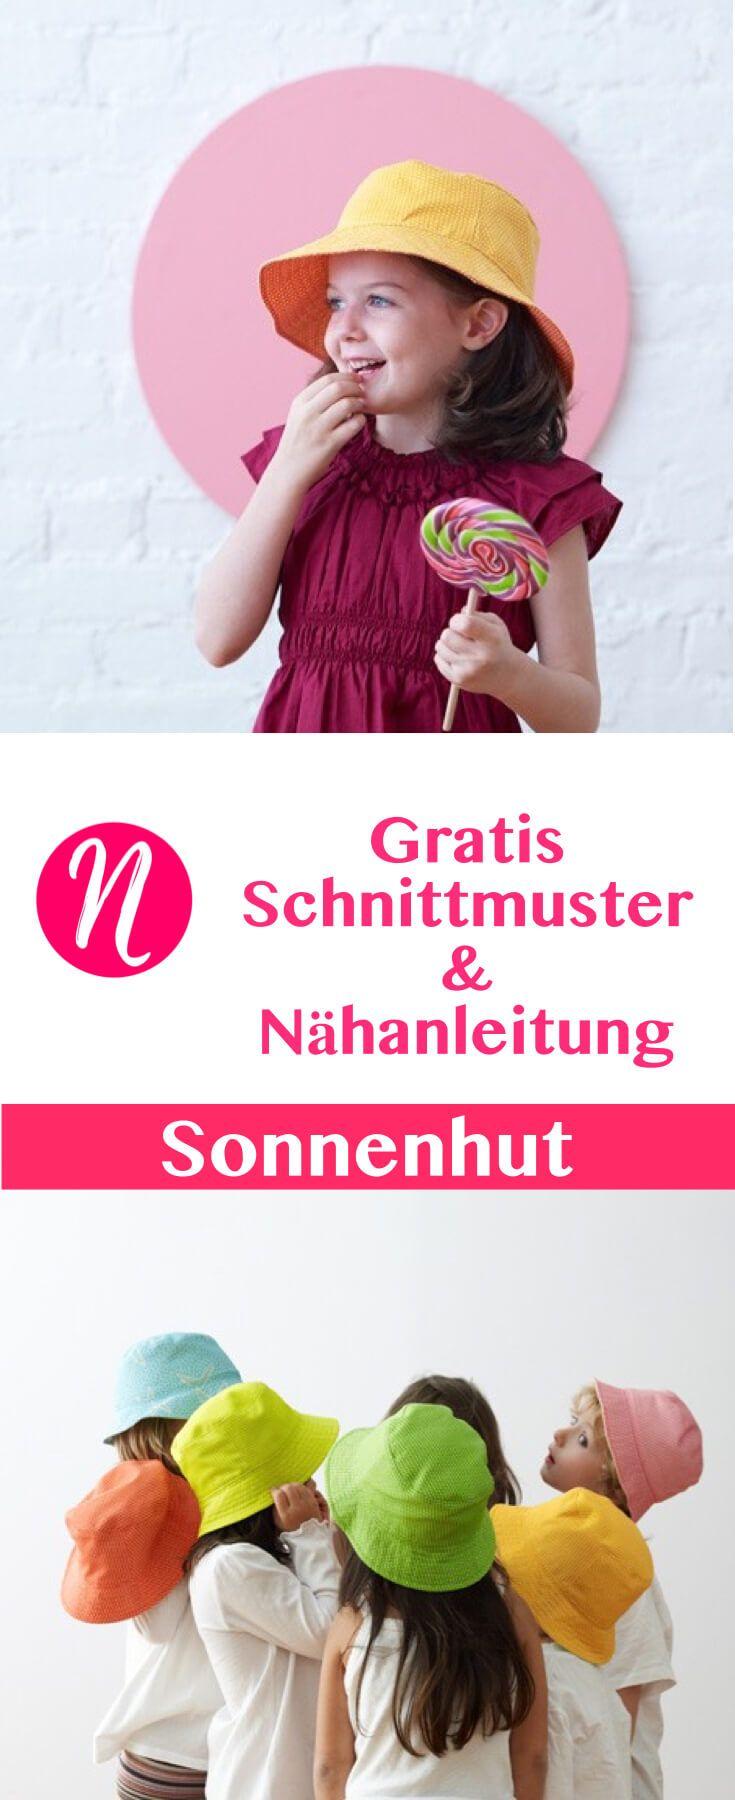 Sonnenhut für Kinder in 4 Größen Freebook | Pinterest | Sonnenhut ...